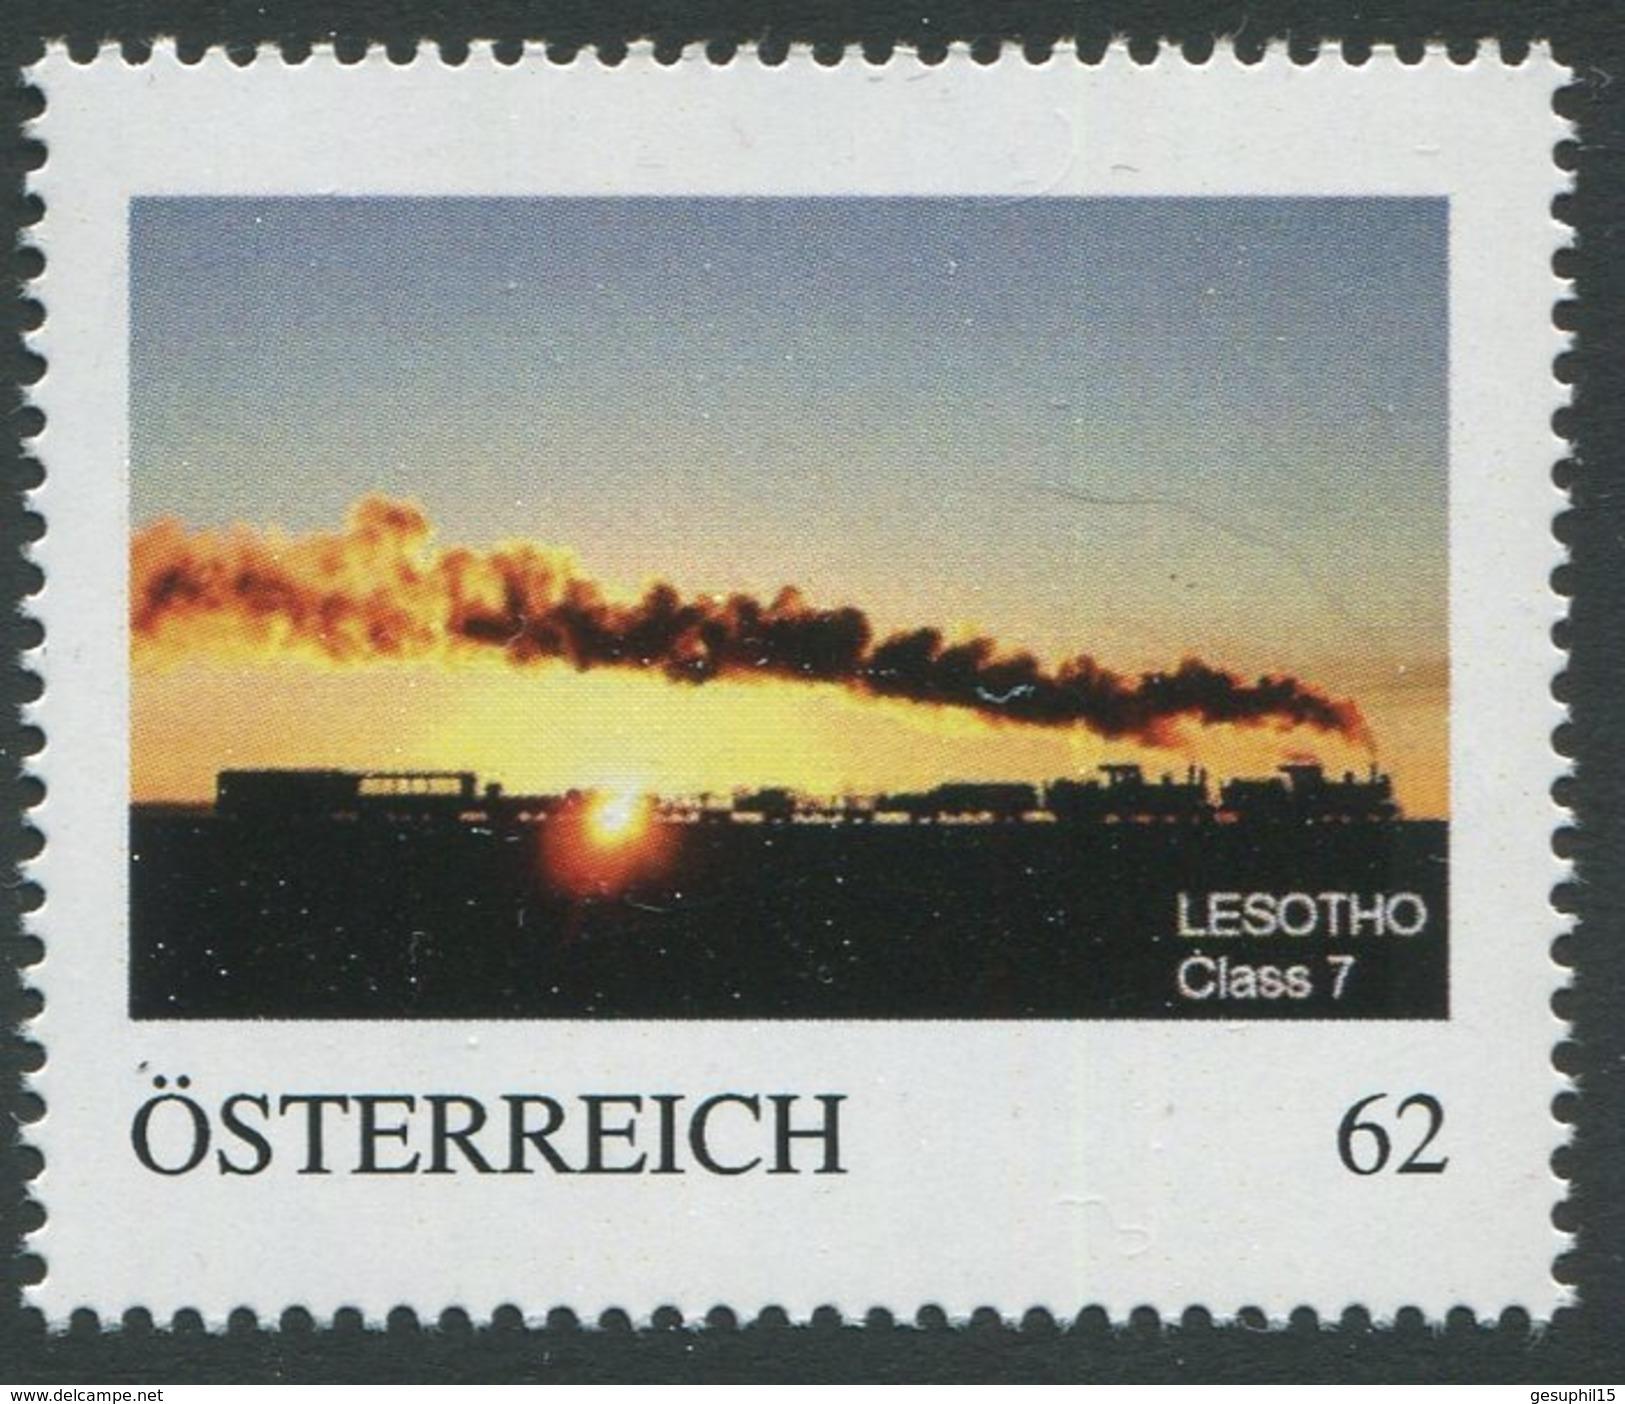 ÖSTERREICH / Lokomotive Mit Anhänger Lesotho Class 7 / Postfrisch / ** / MNH - Personalisierte Briefmarken